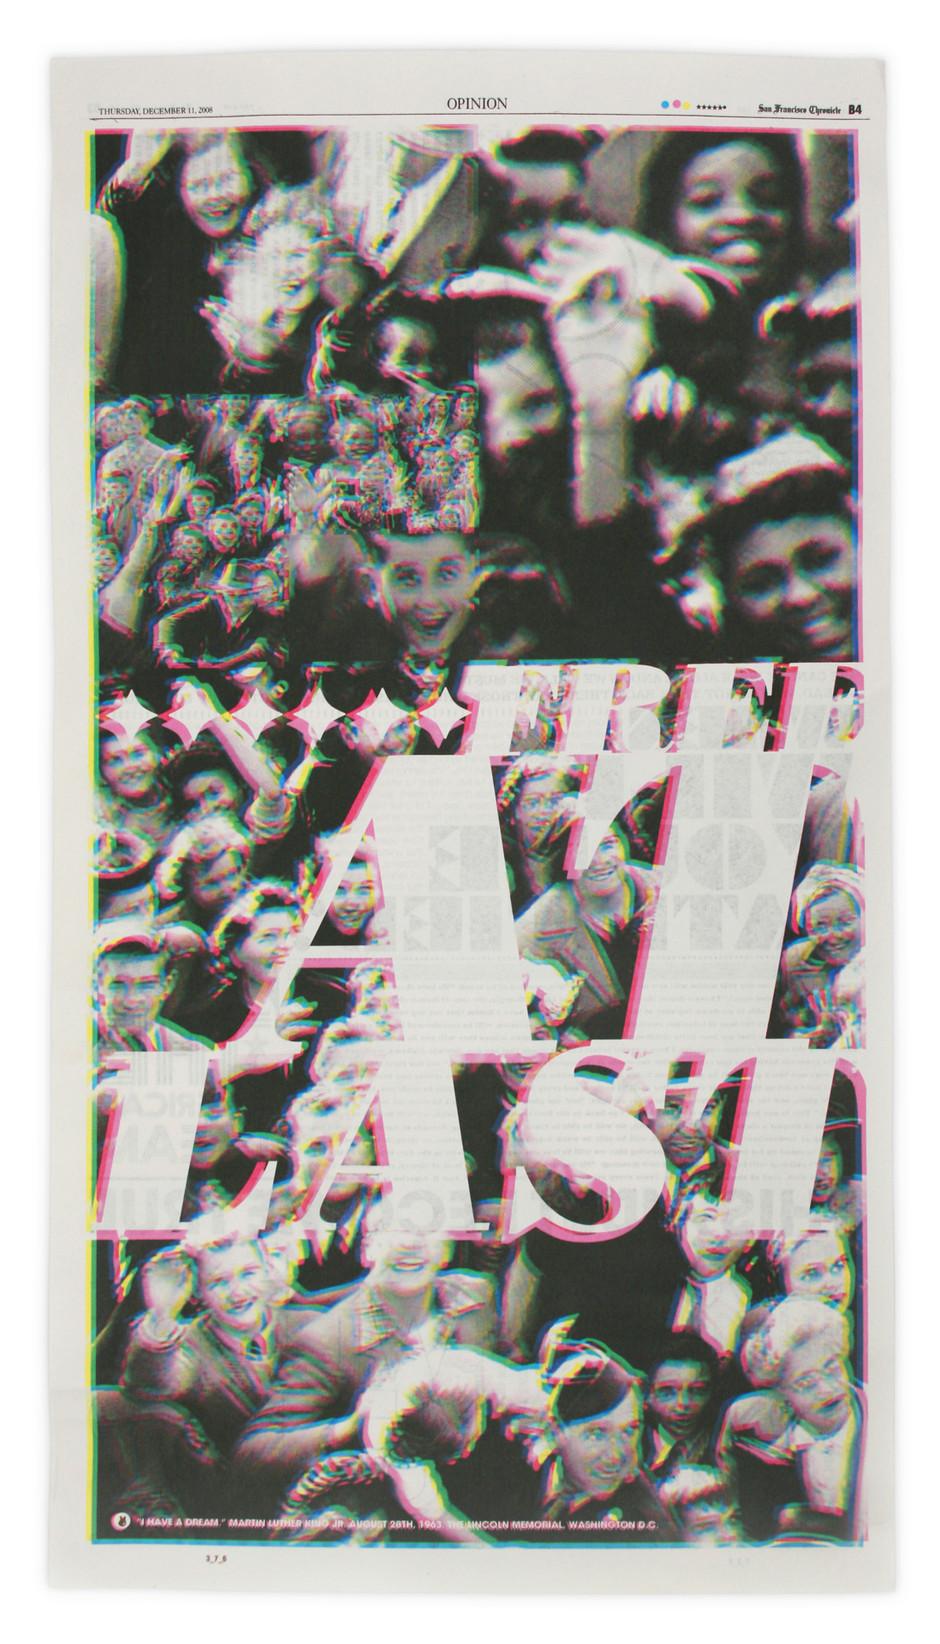 Back of Poster Insert